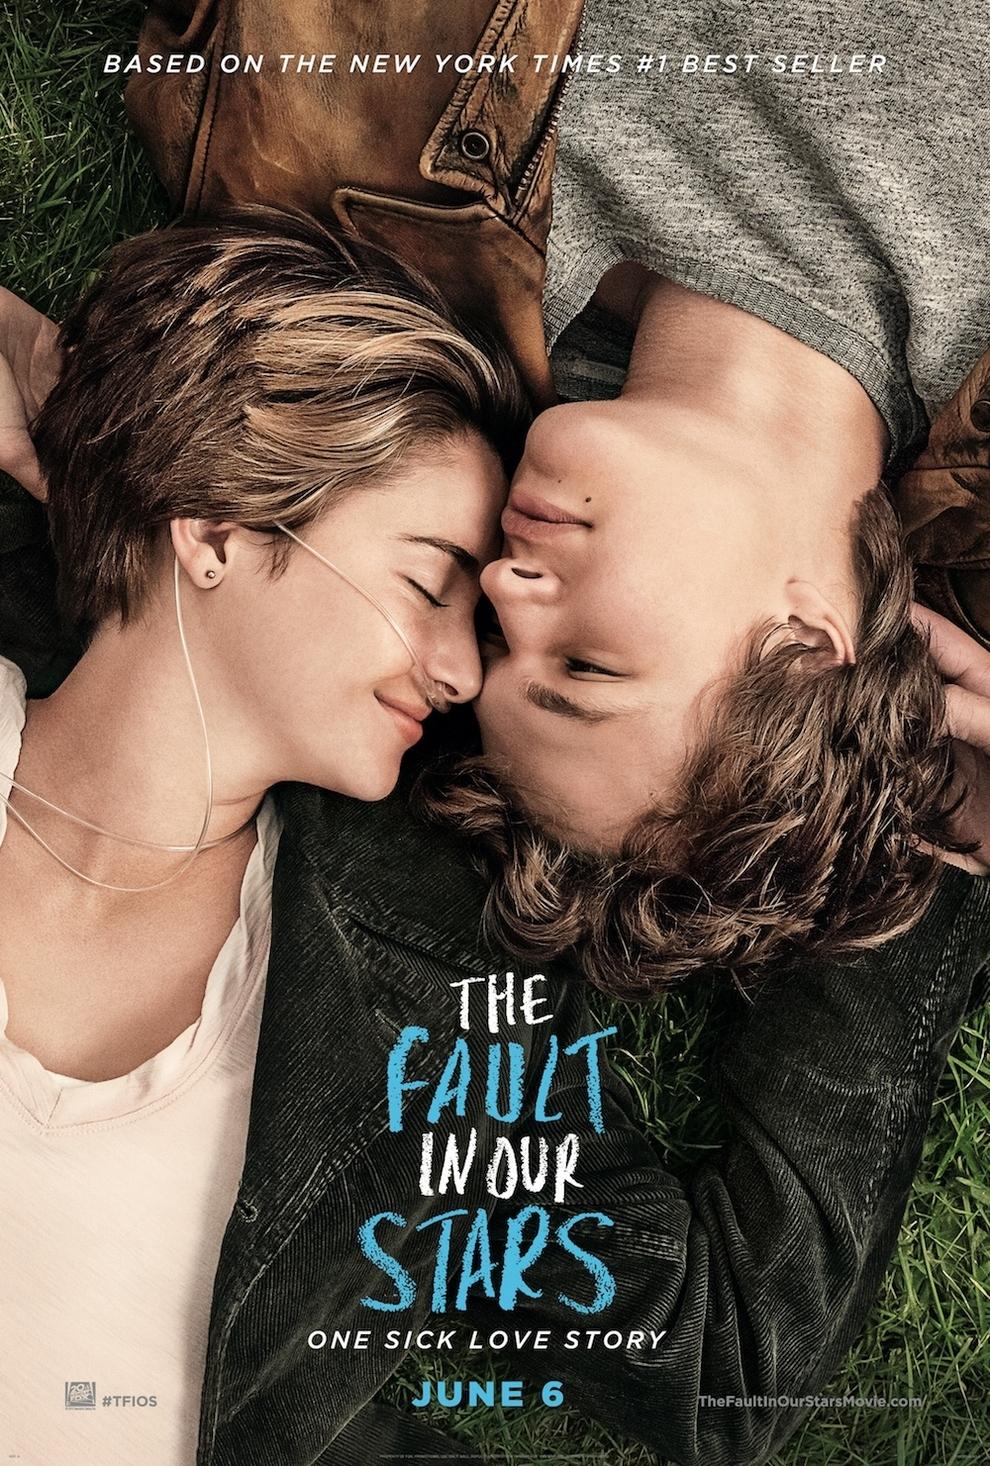 A Culpa e das Estrelas Filme Poster